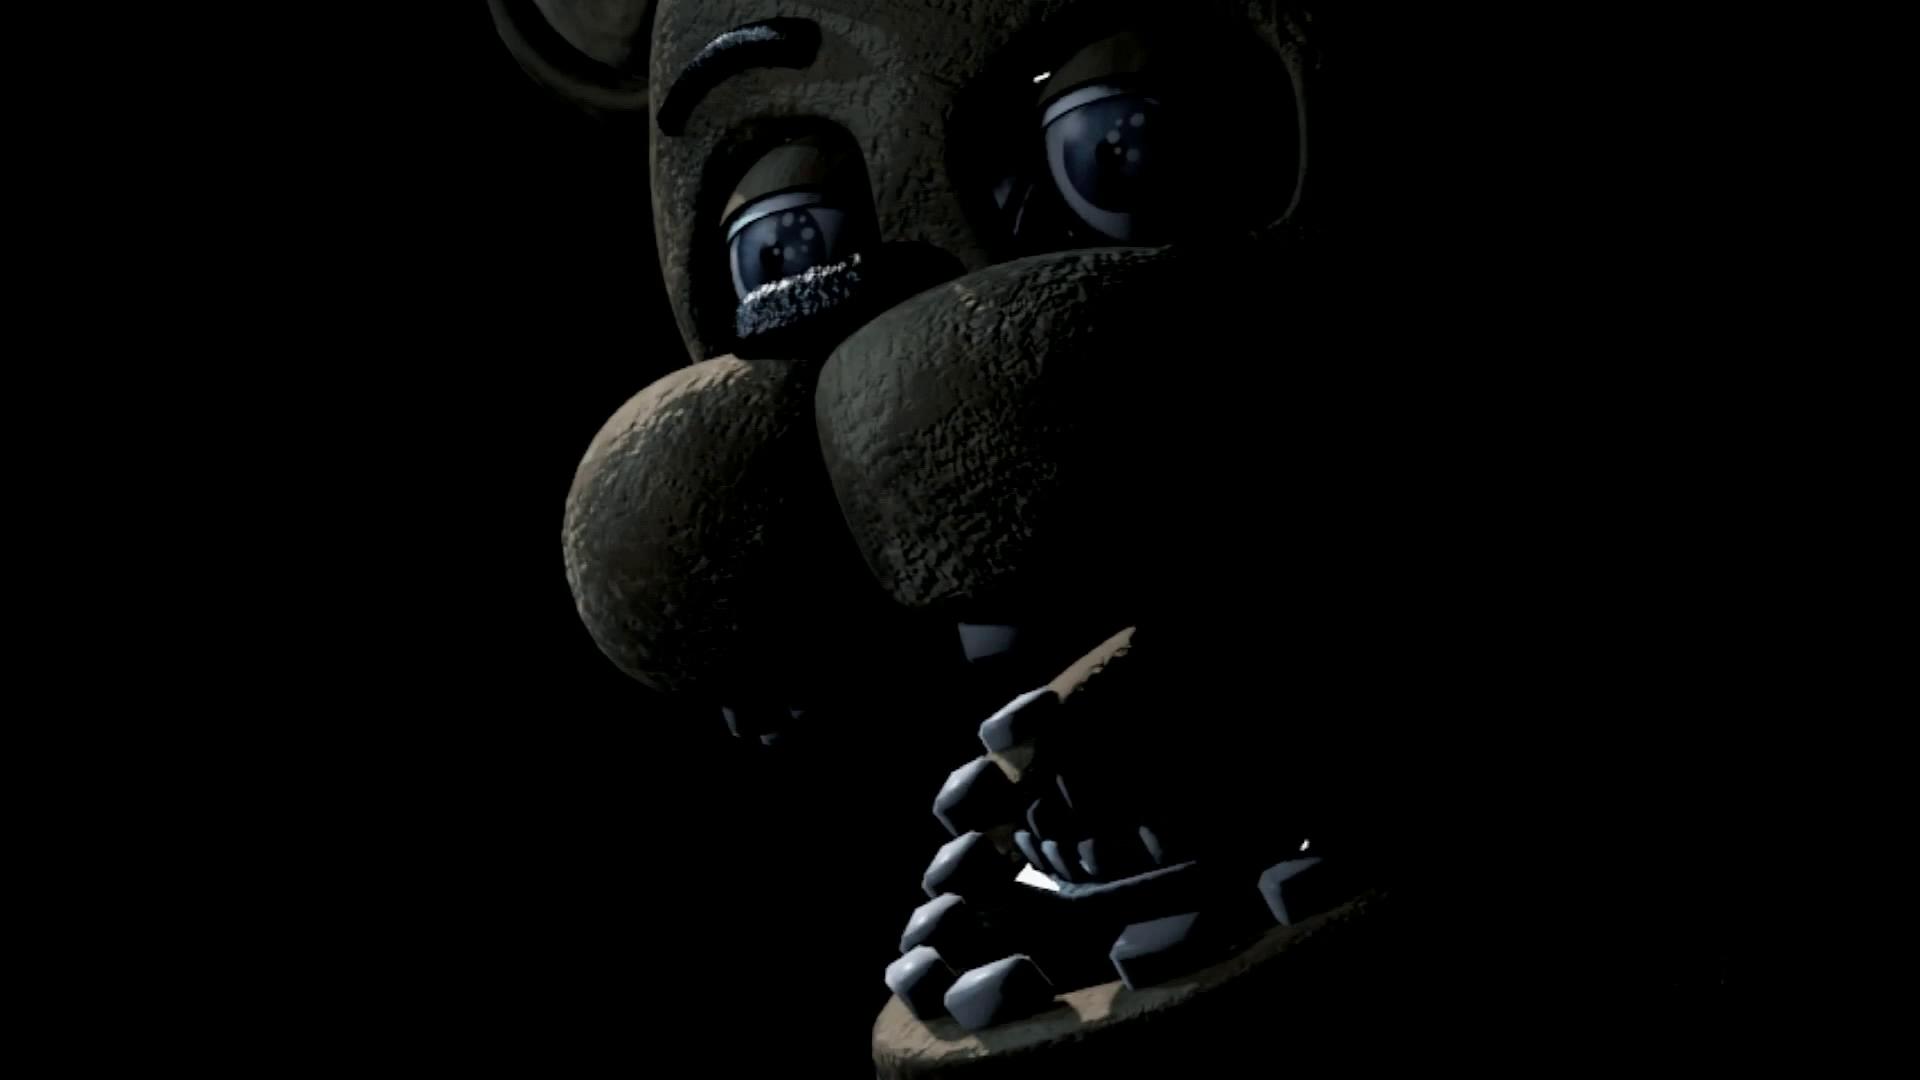 Freddy fazbear close up fnaf 2 png